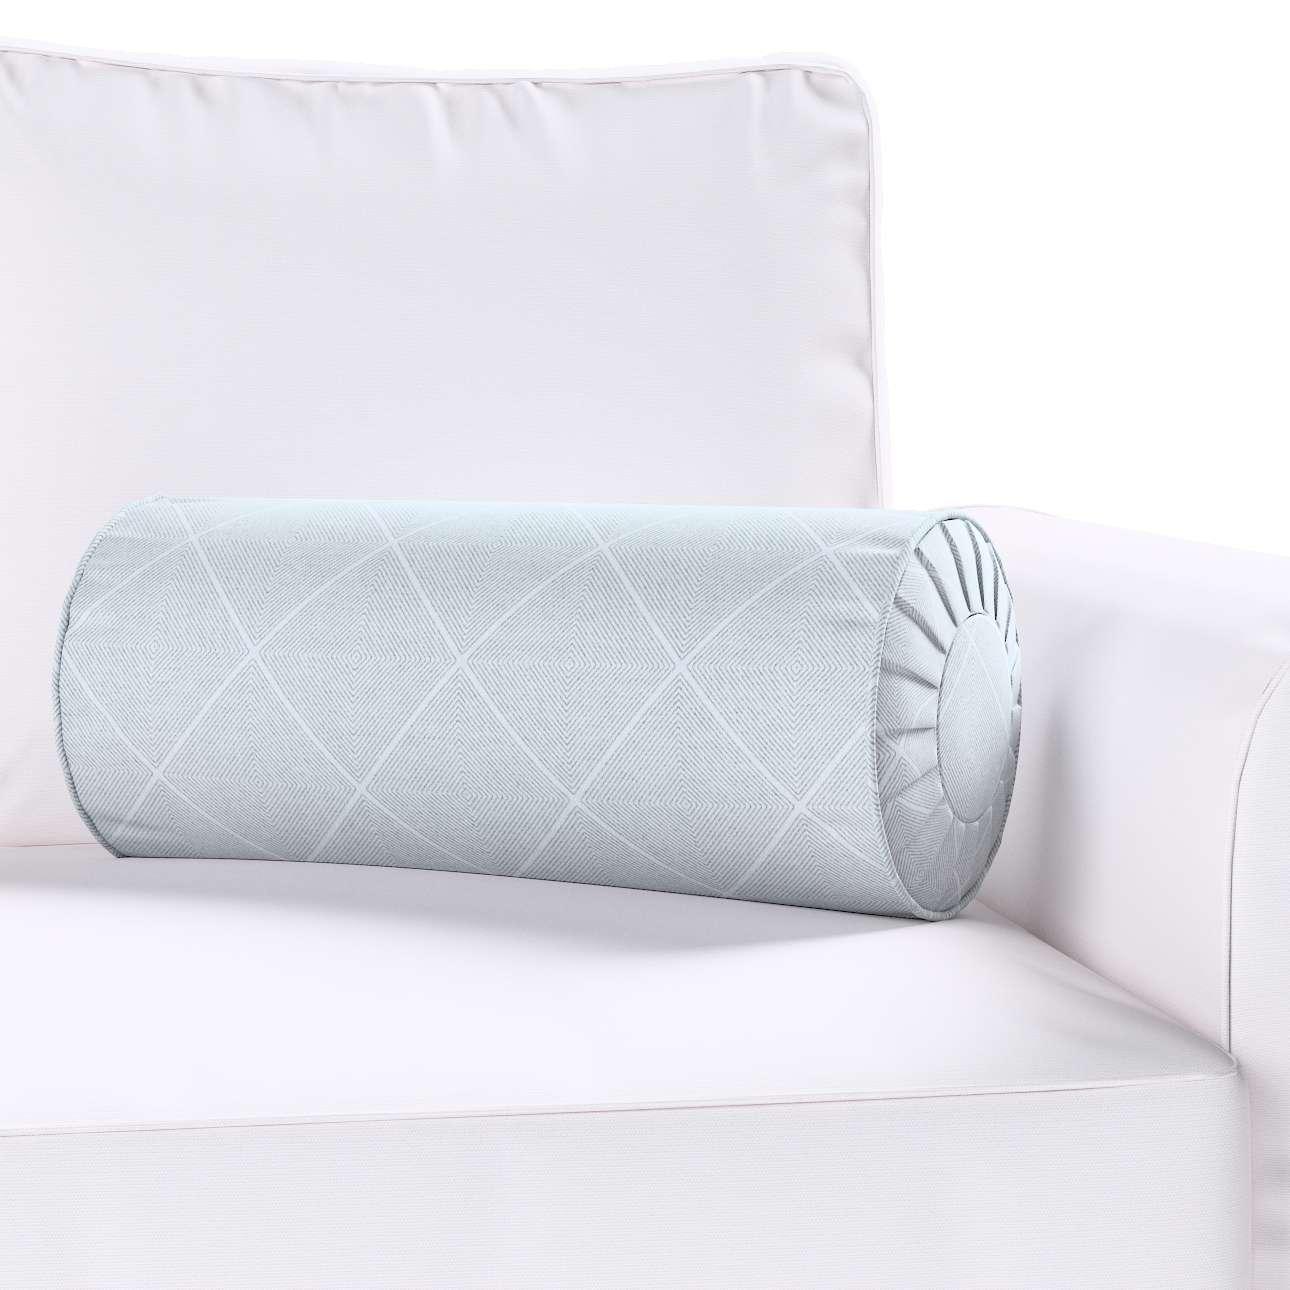 Poduszka wałek z zakładkami w kolekcji Venice, tkanina: 142-57